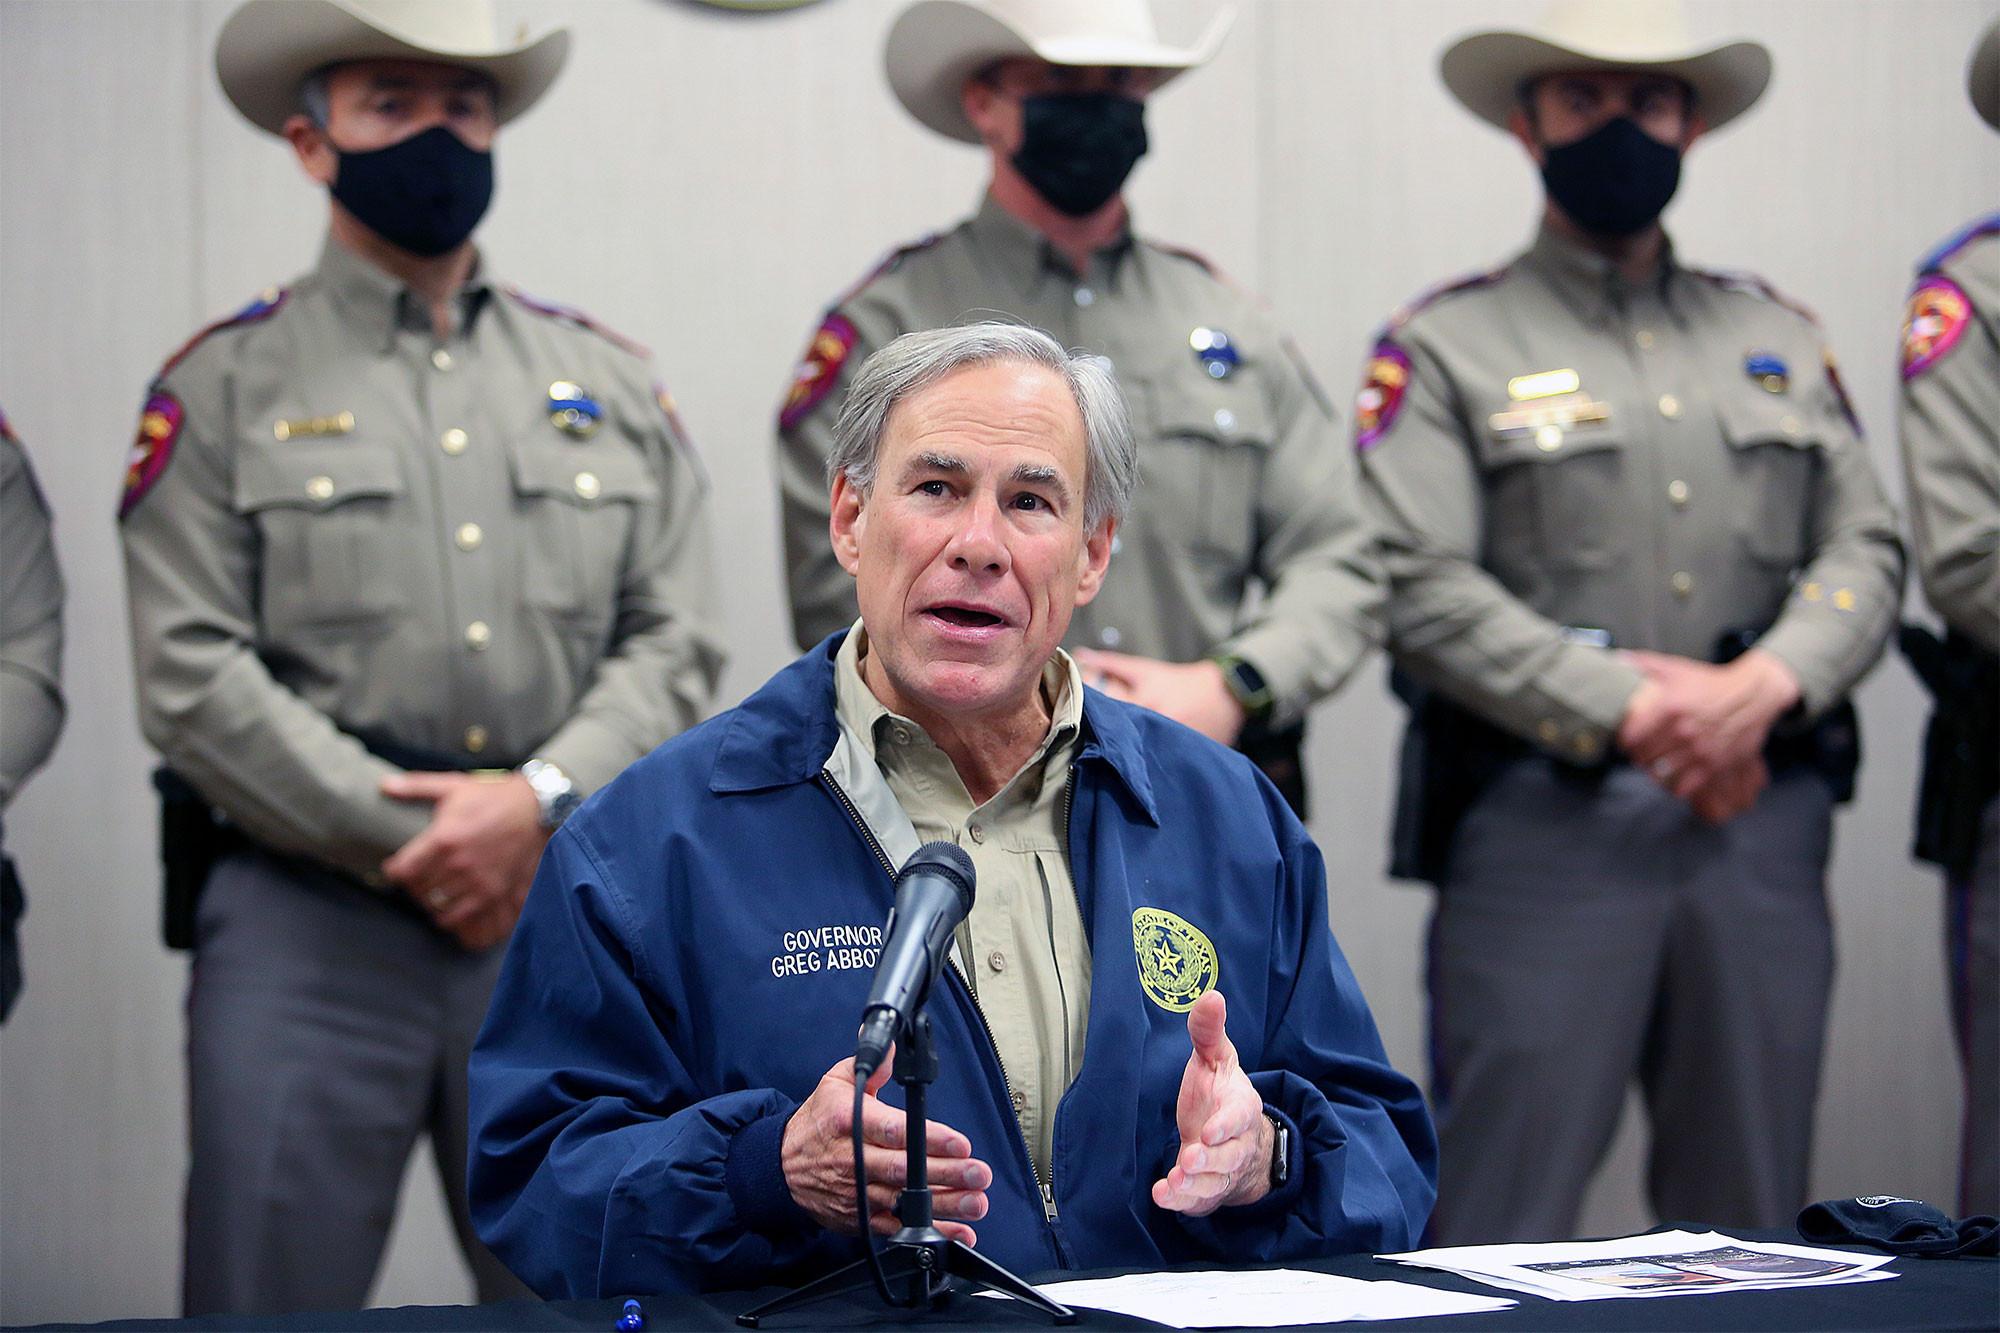 Ông Abbott sẵng sàng chi 250 triệu USD để xây tường biên giới Texas-Mexico - Ảnh: Joel Martinez/The Monitor via AP